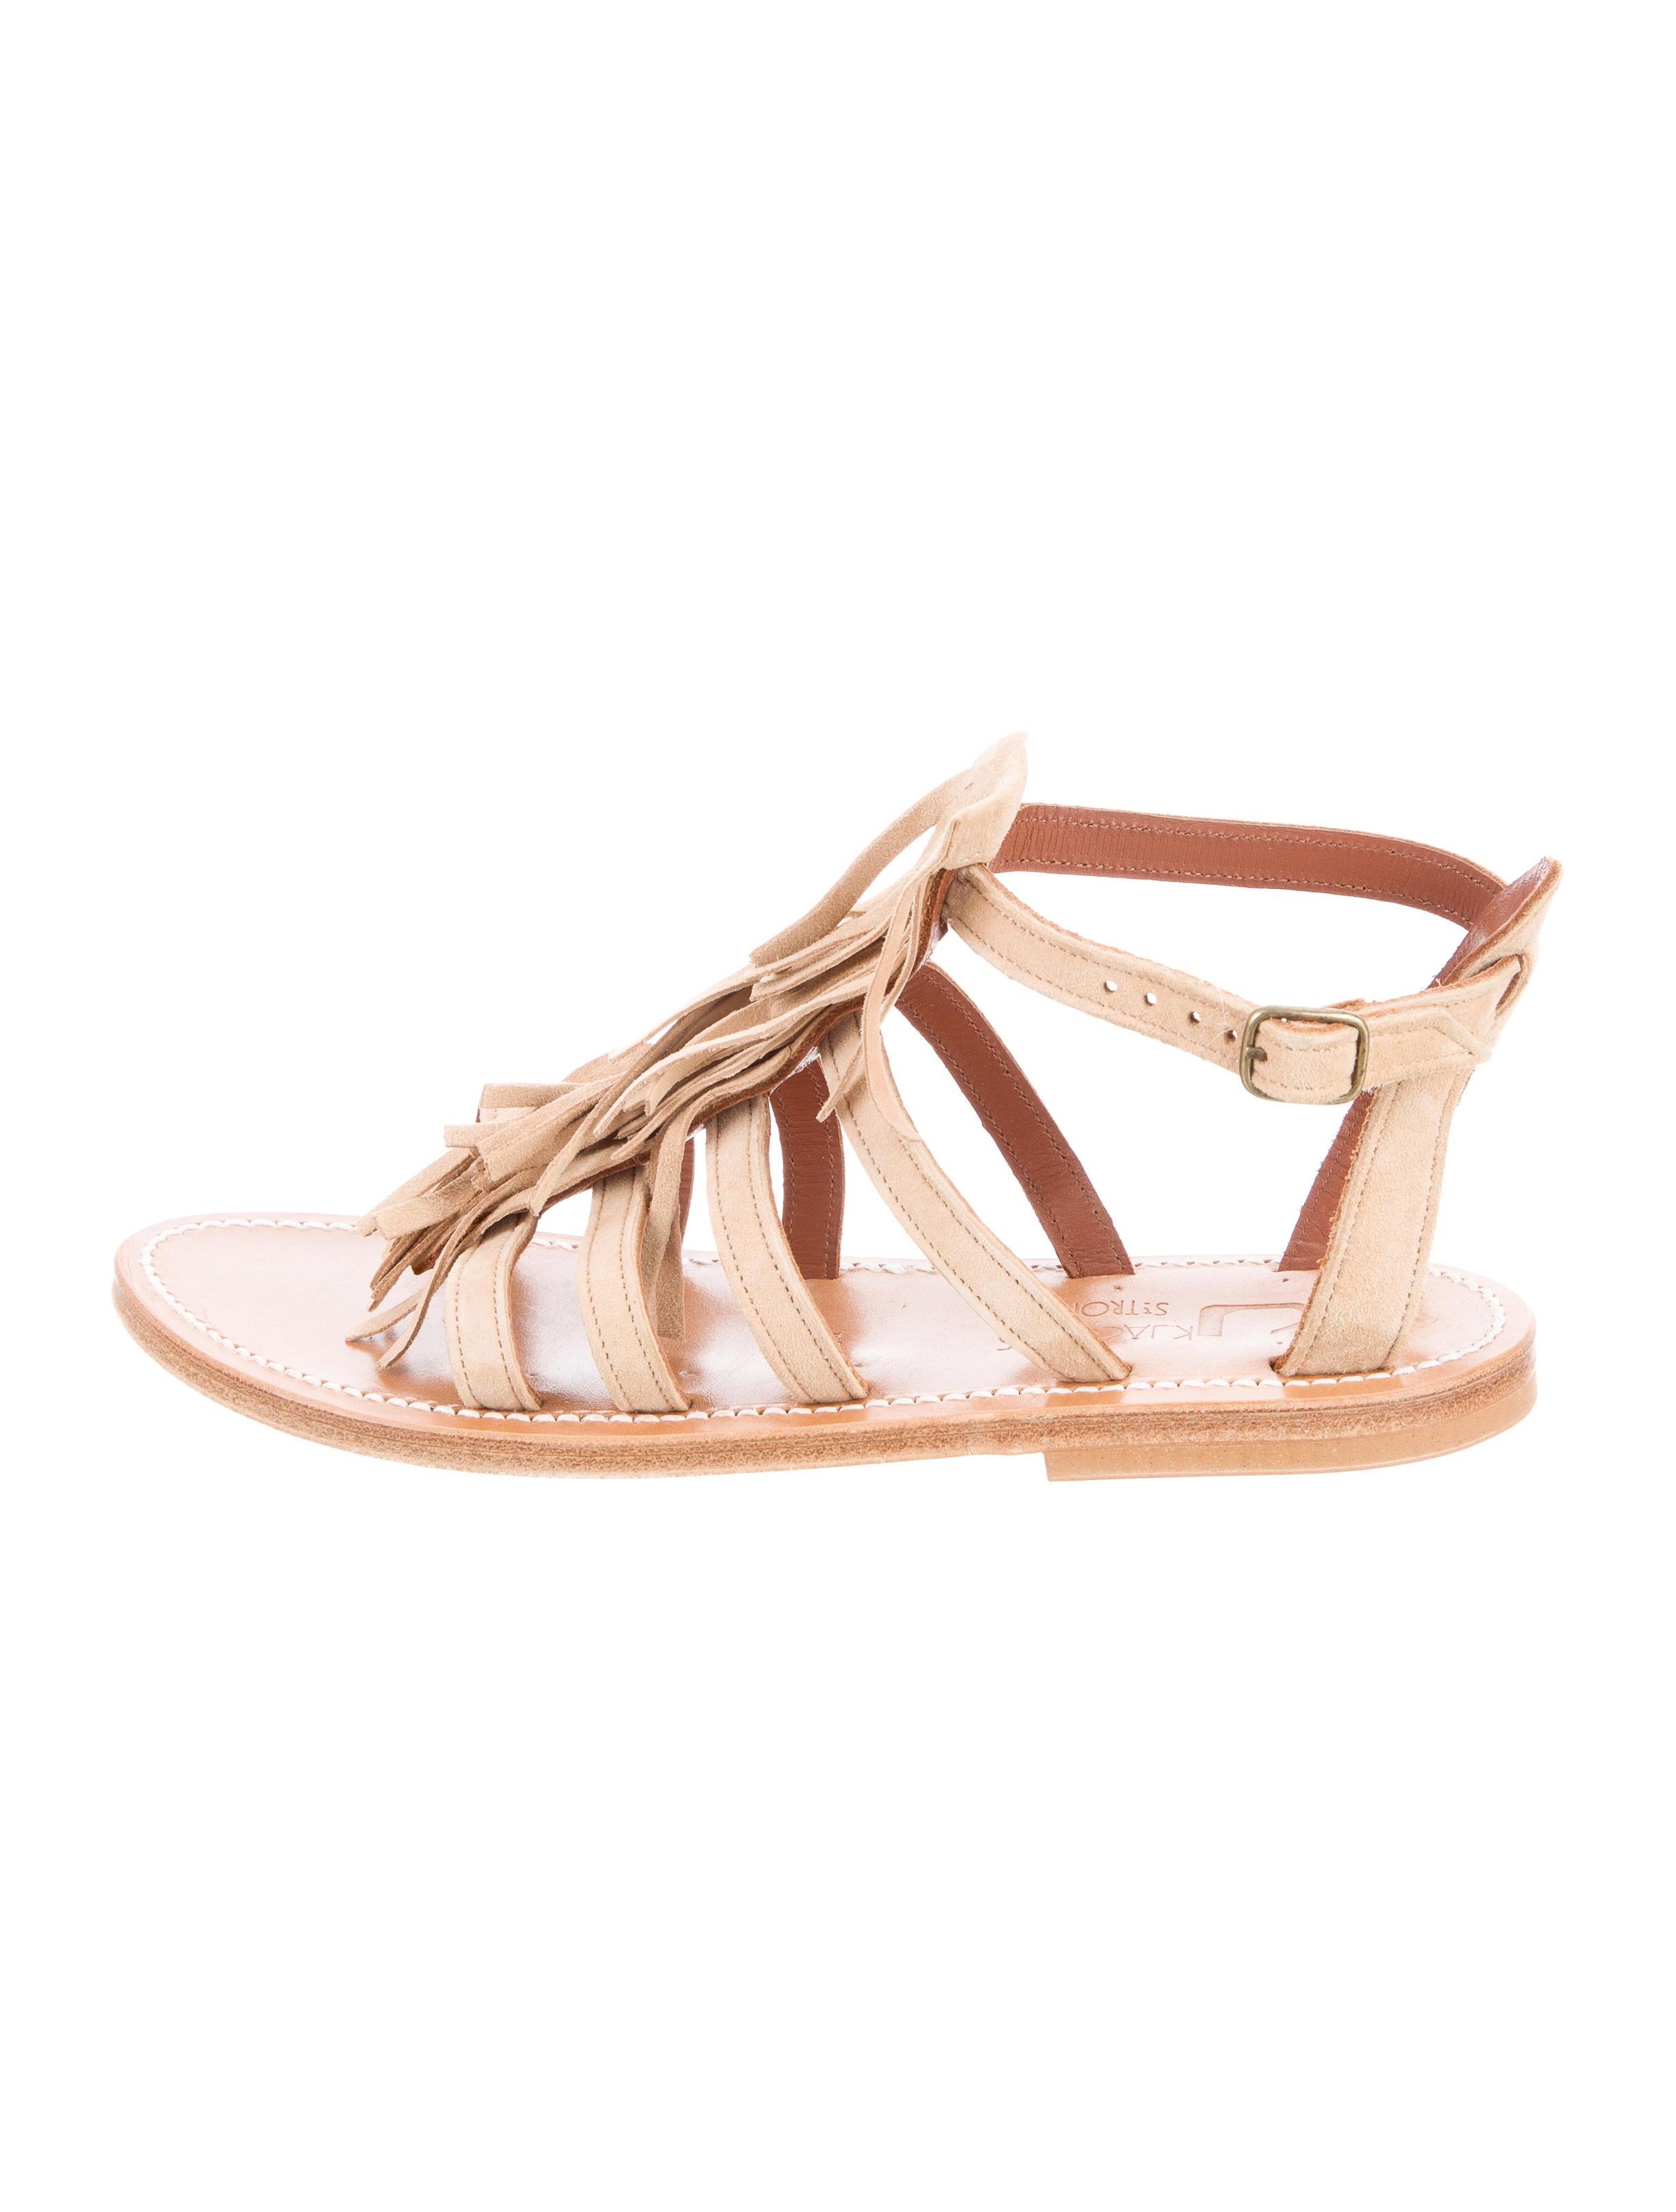 discount classic perfect online K Jacques St. Tropez Fregate Fringe Sandals w/ Tags 5JlaSYTz